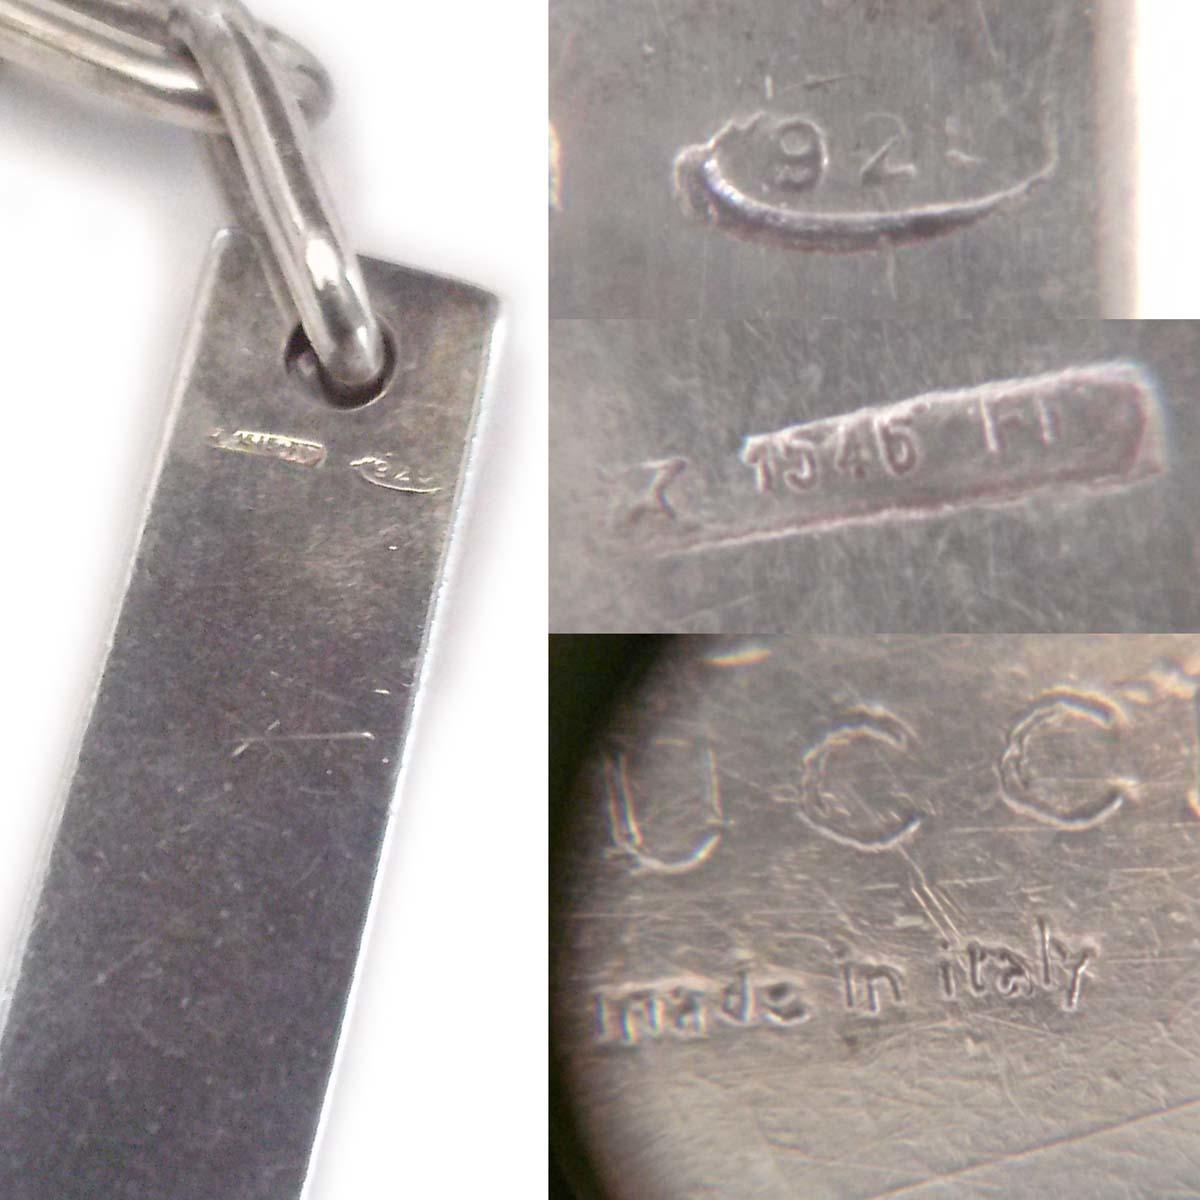 【美品】グッチ ブレスレット Ag925 チェーン19cm バープレート イタリア製 メンズ レディース 箱 保存袋 appre6003【一撃即決】_画像8